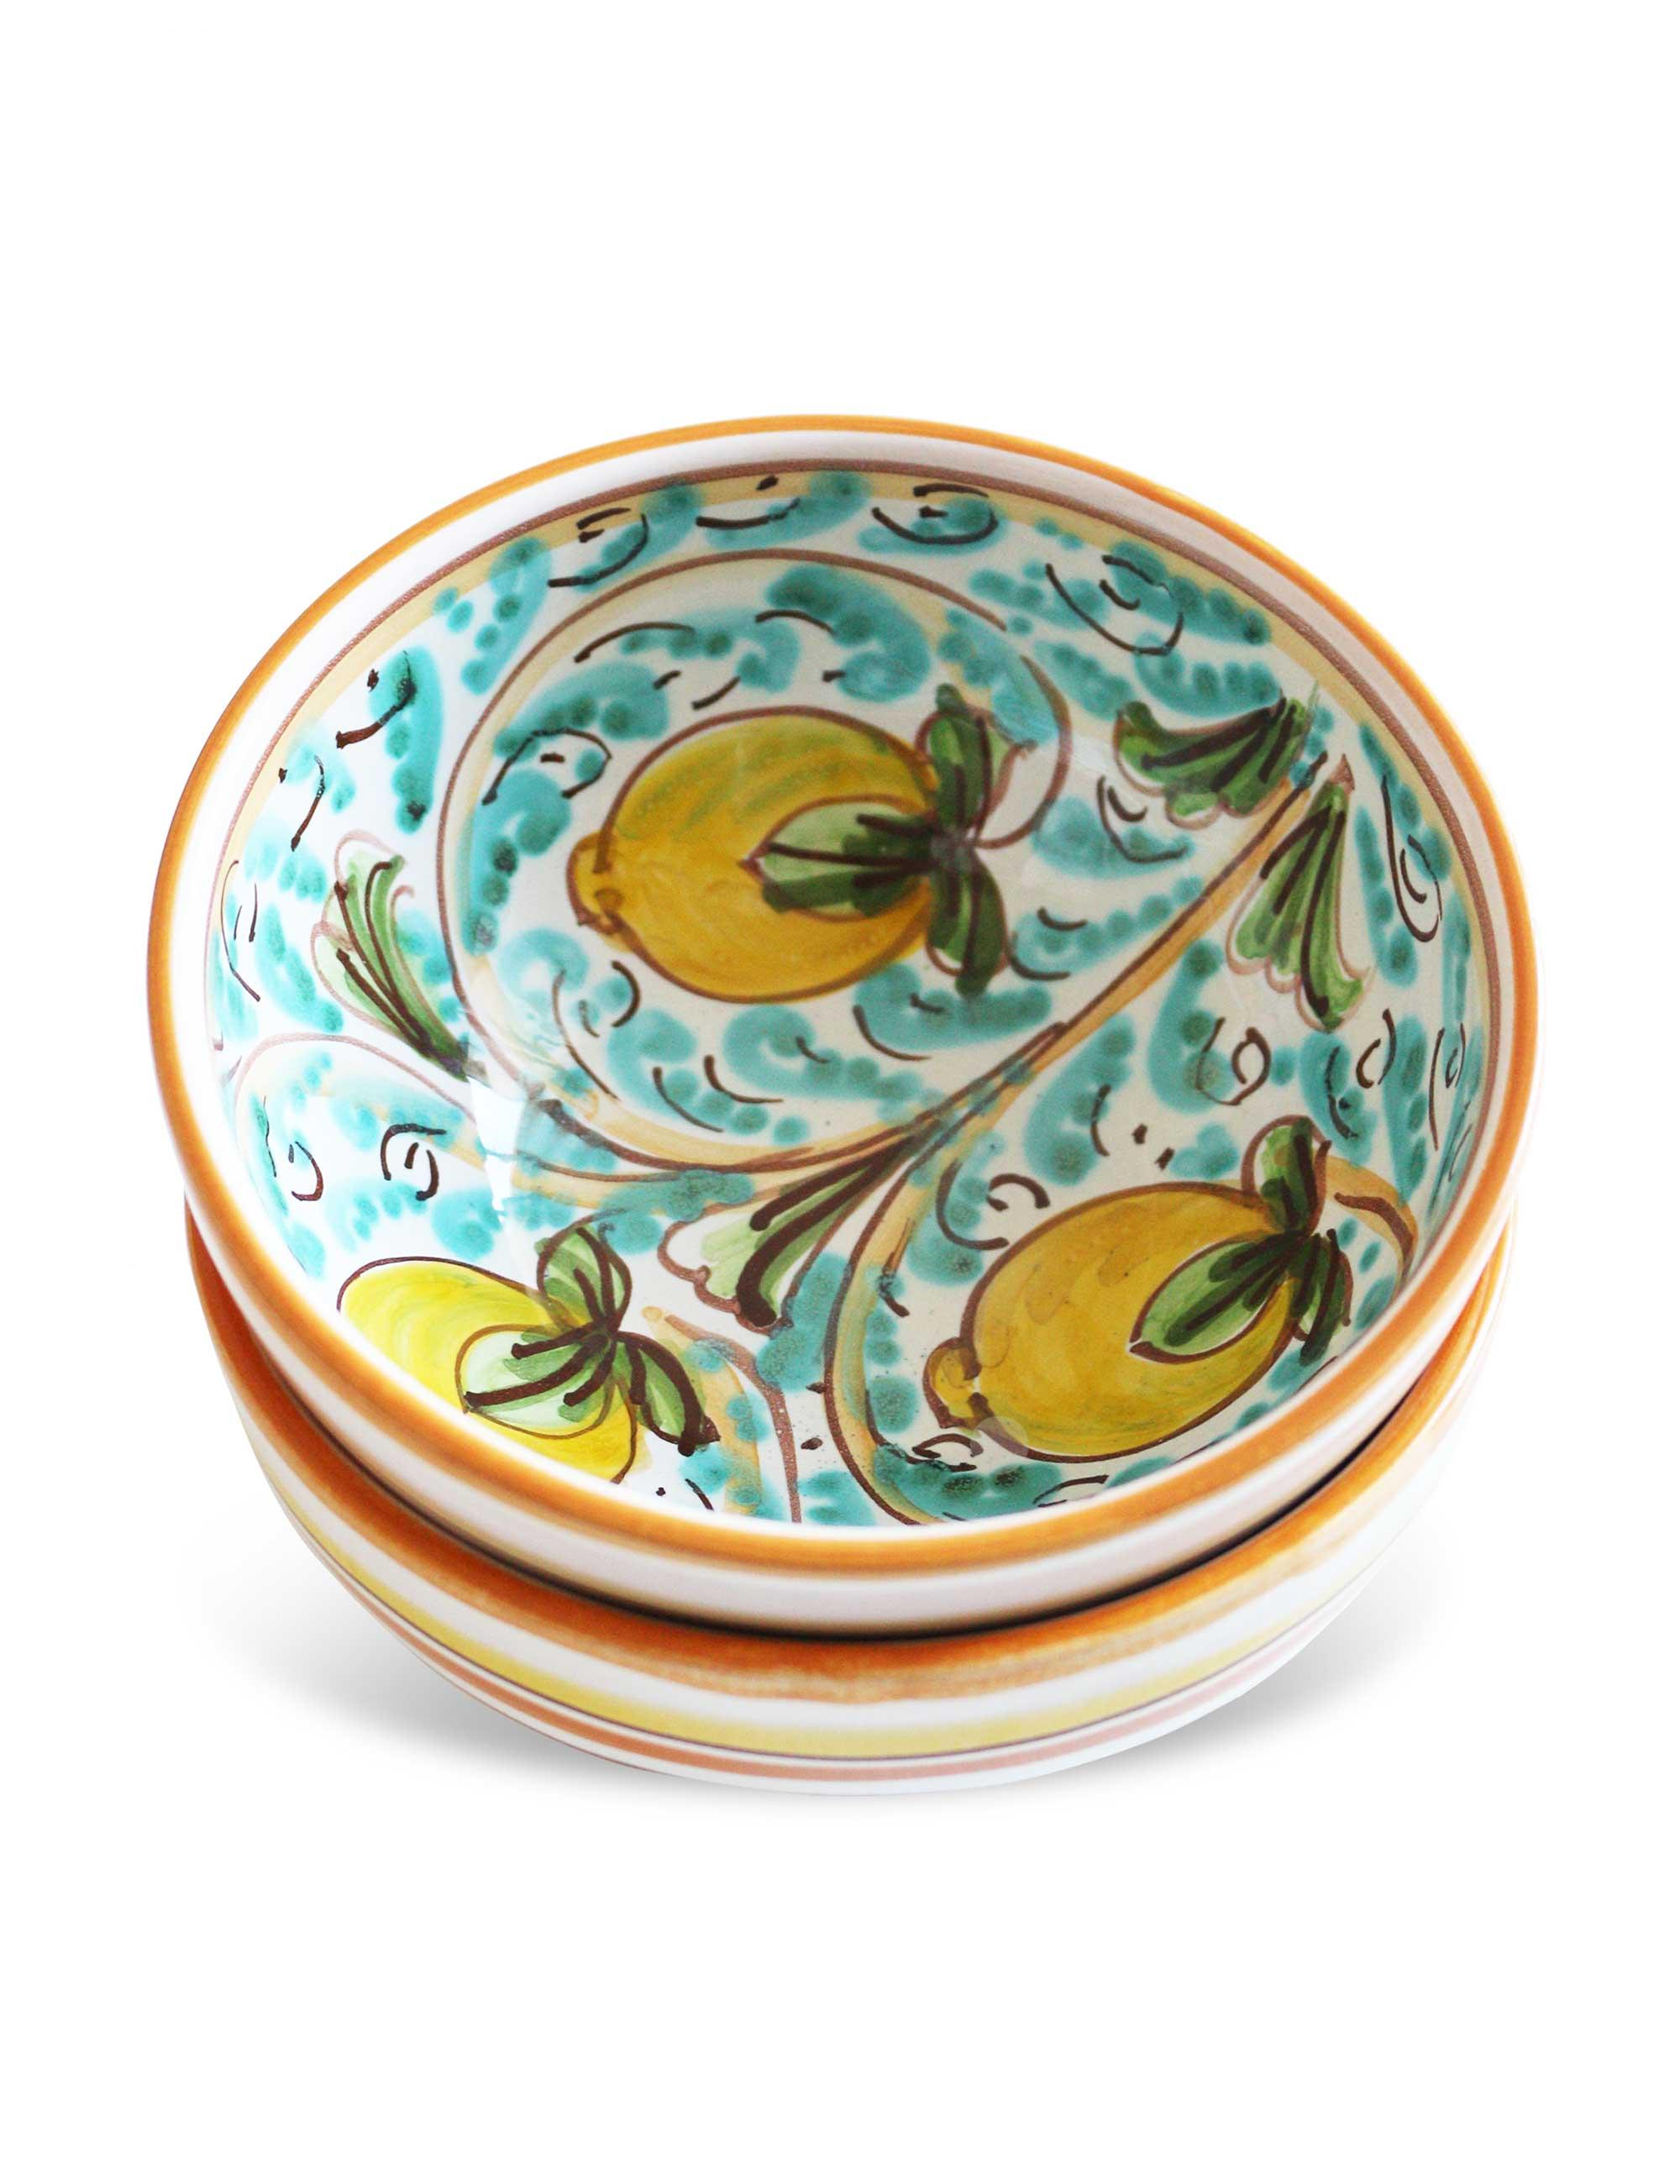 Coppa ceramica decorata siciliana-Bagheria per aperitivo antipasto tapas zuppe